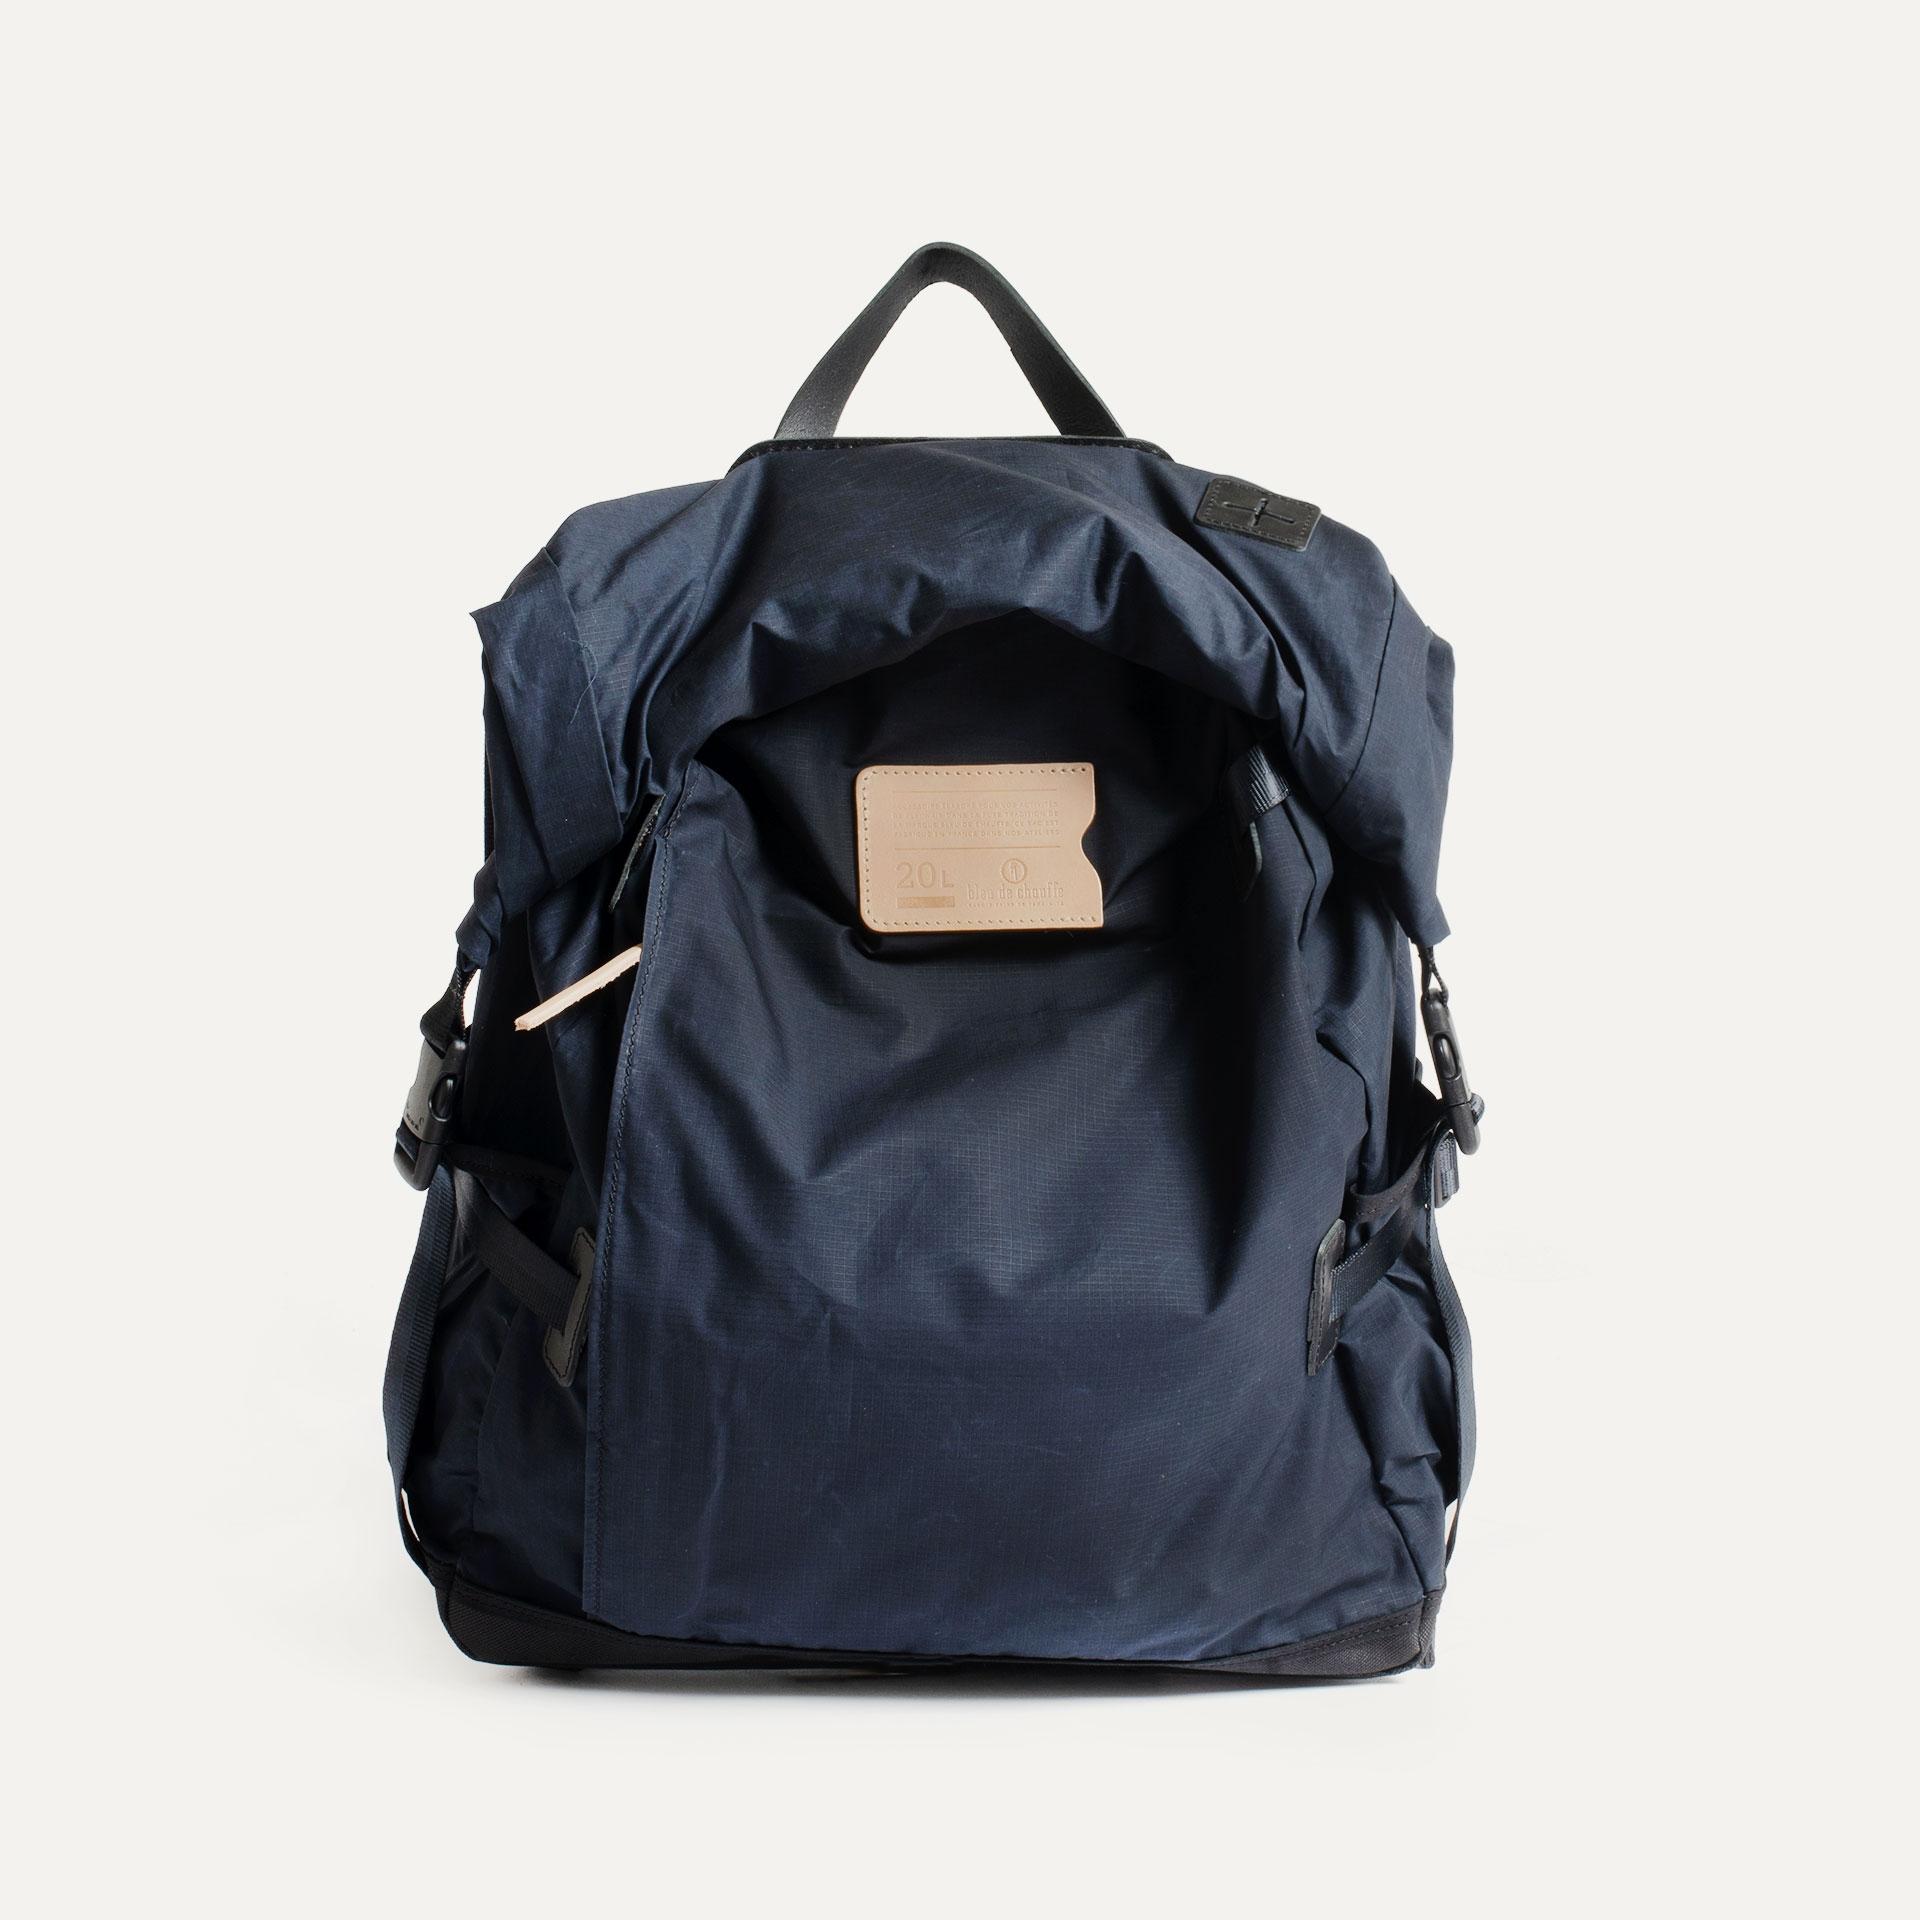 20L Basile Backpack - Hague Blue (image n°1)